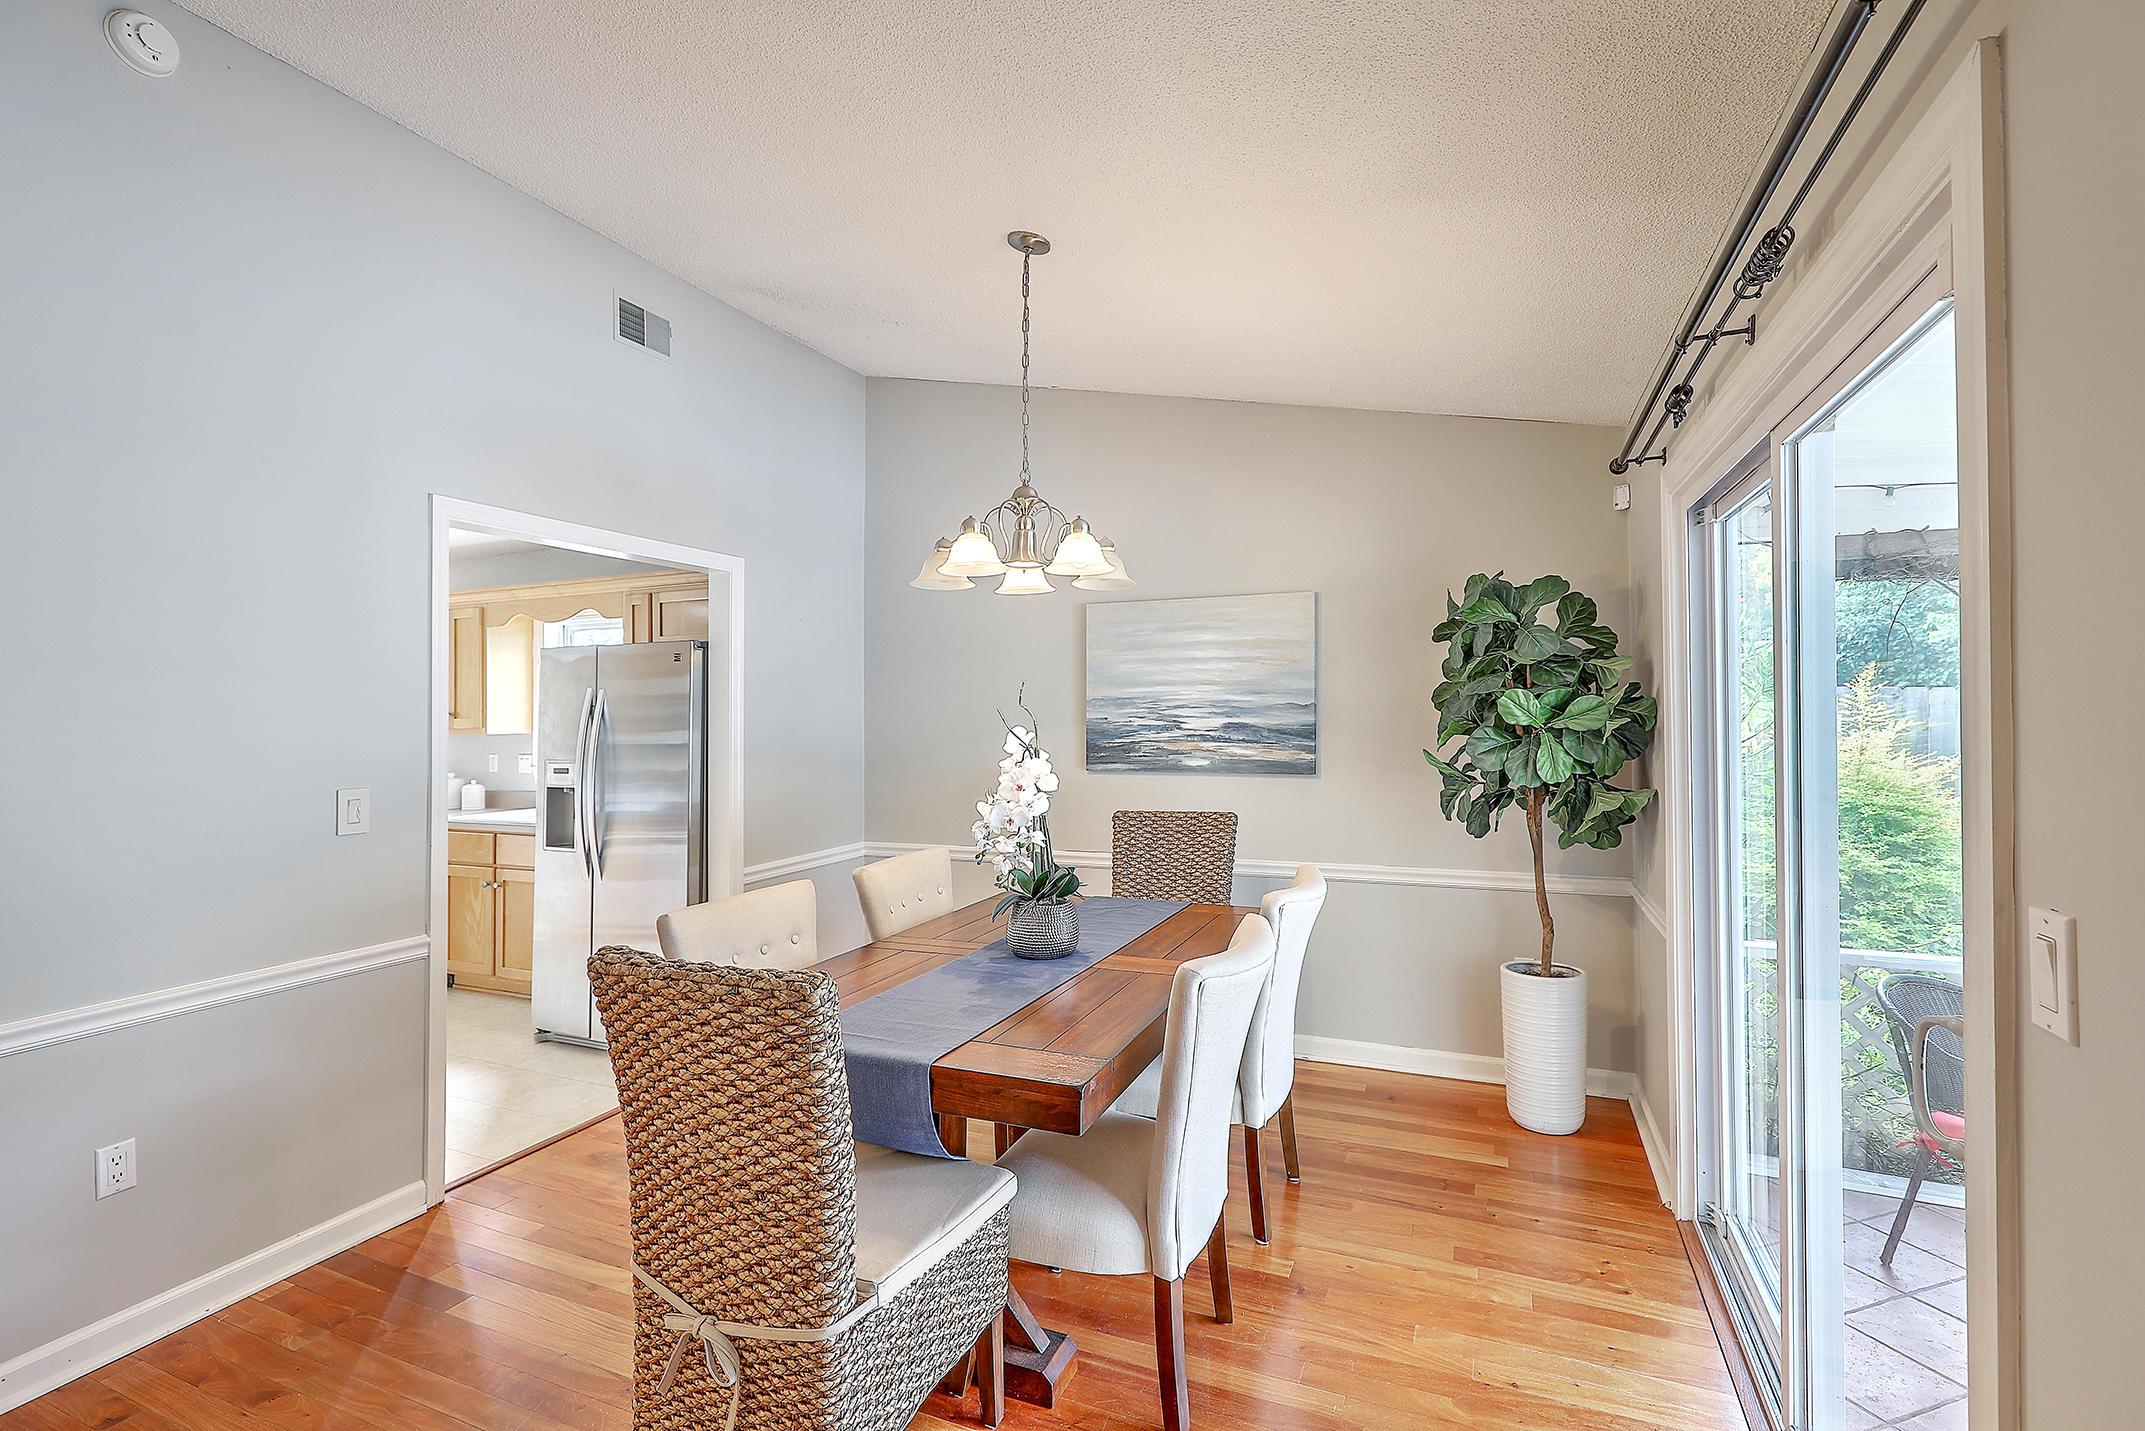 Coopers Landing Homes For Sale - 1474 Hidden Bridge, Mount Pleasant, SC - 1